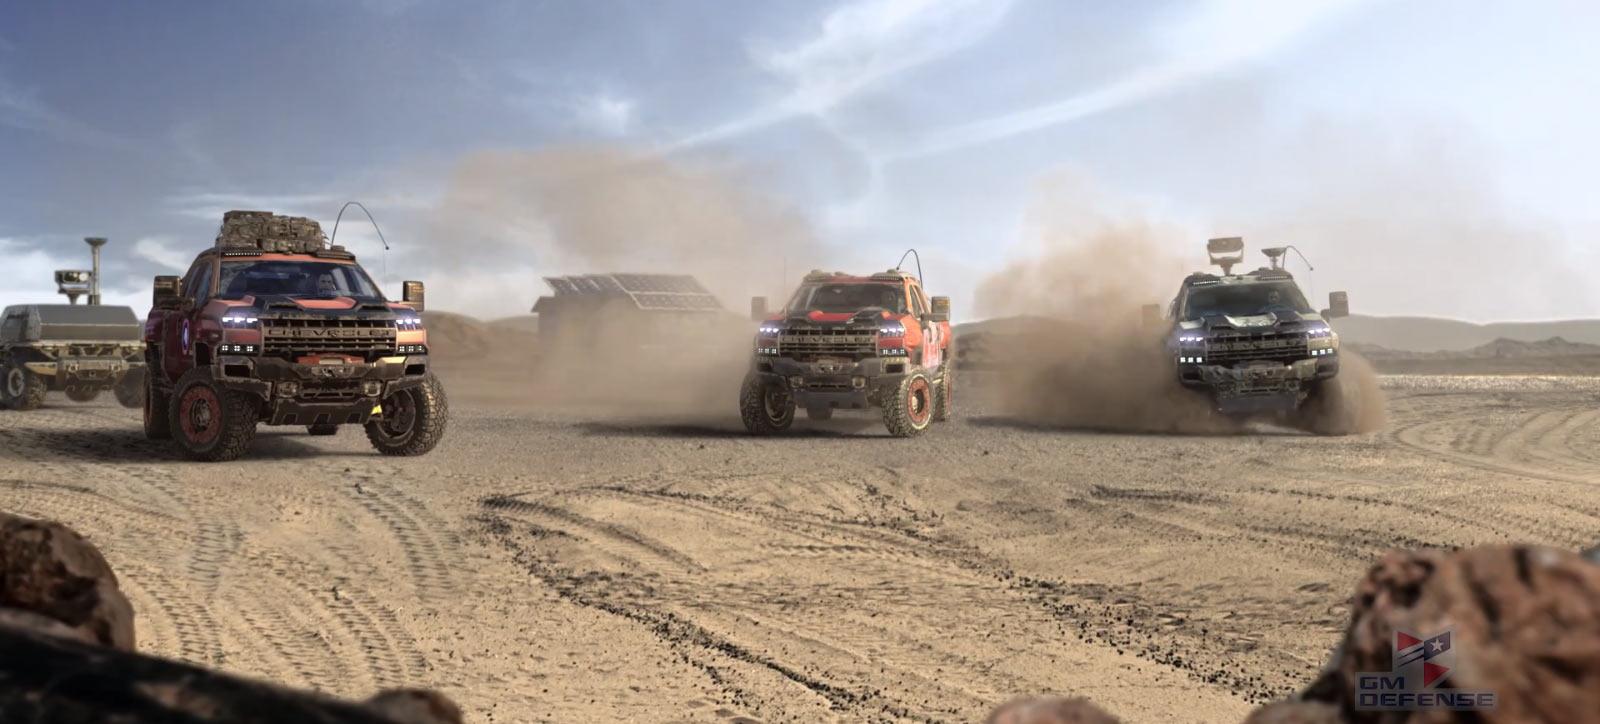 Chevrolet Silverado ZH2: 'Vua Offroad' thách thức mọi địa hình Ảnh 1